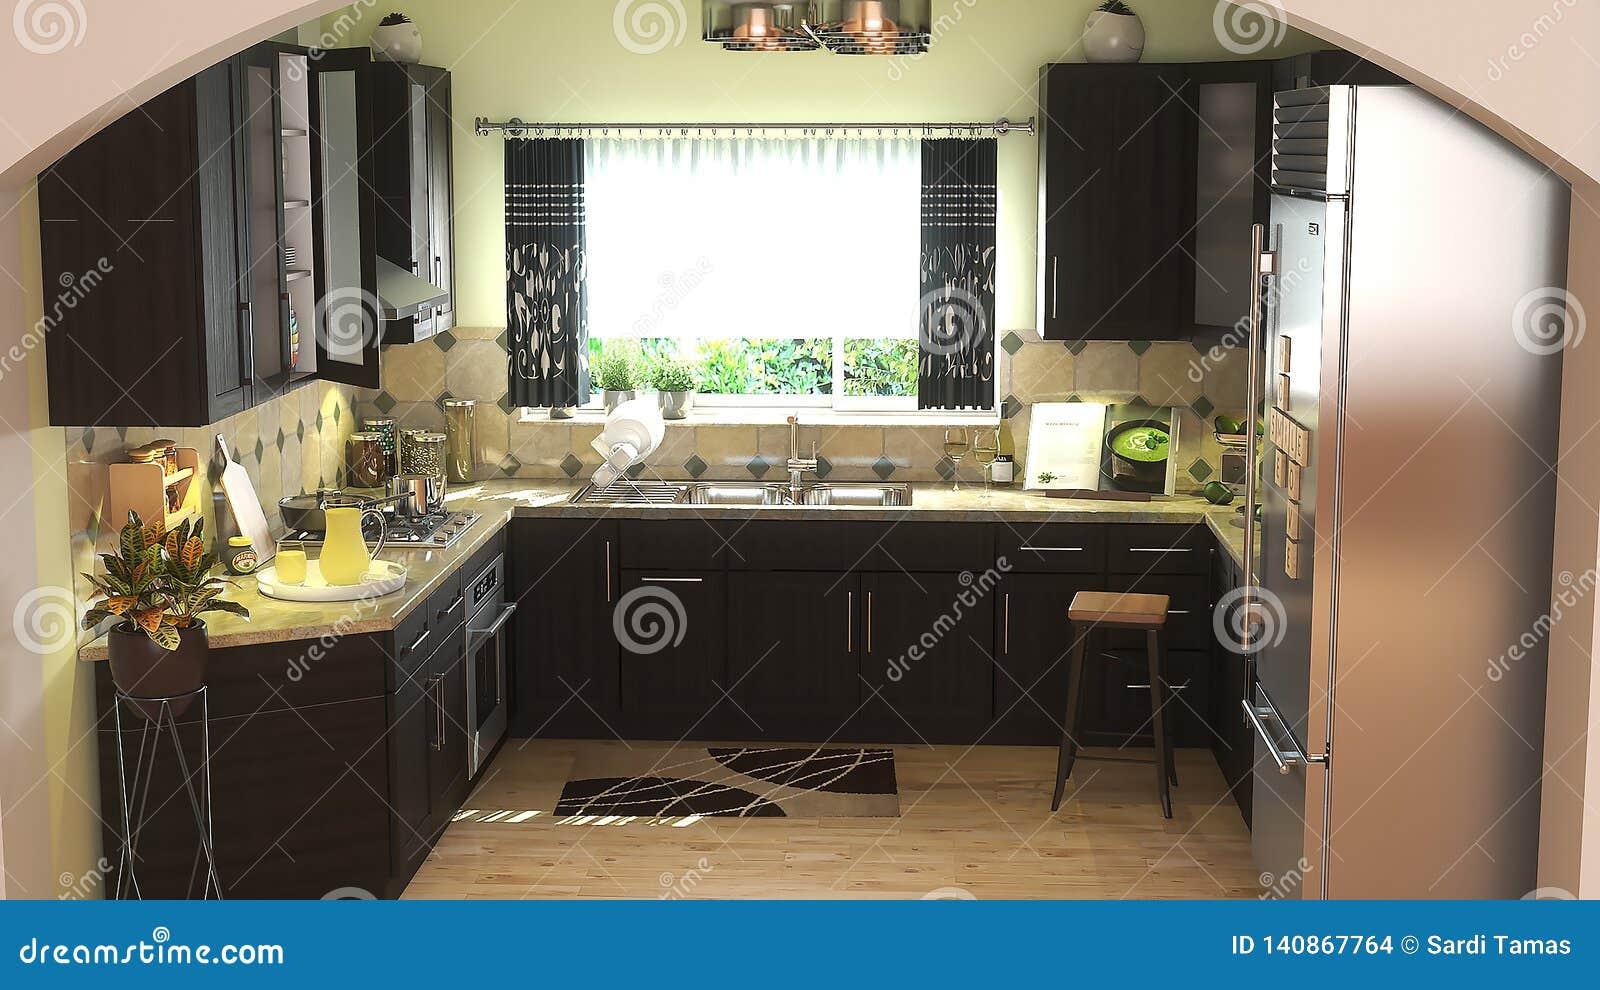 Modern kitchen with dark furniture 3D illustration